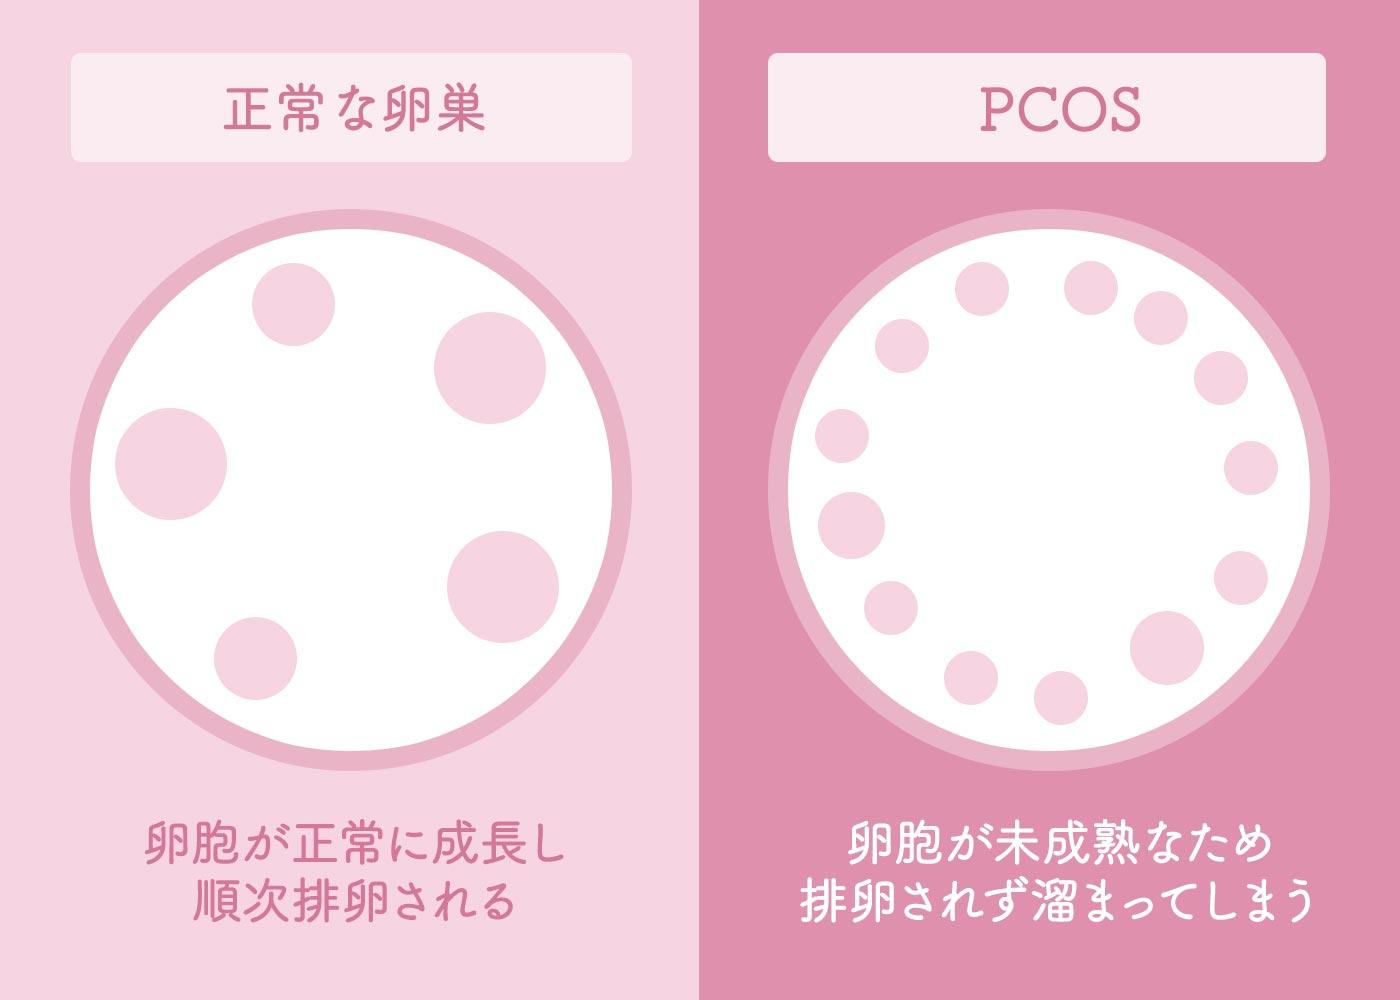 多嚢胞性卵巣症候群(PCOS)とは?